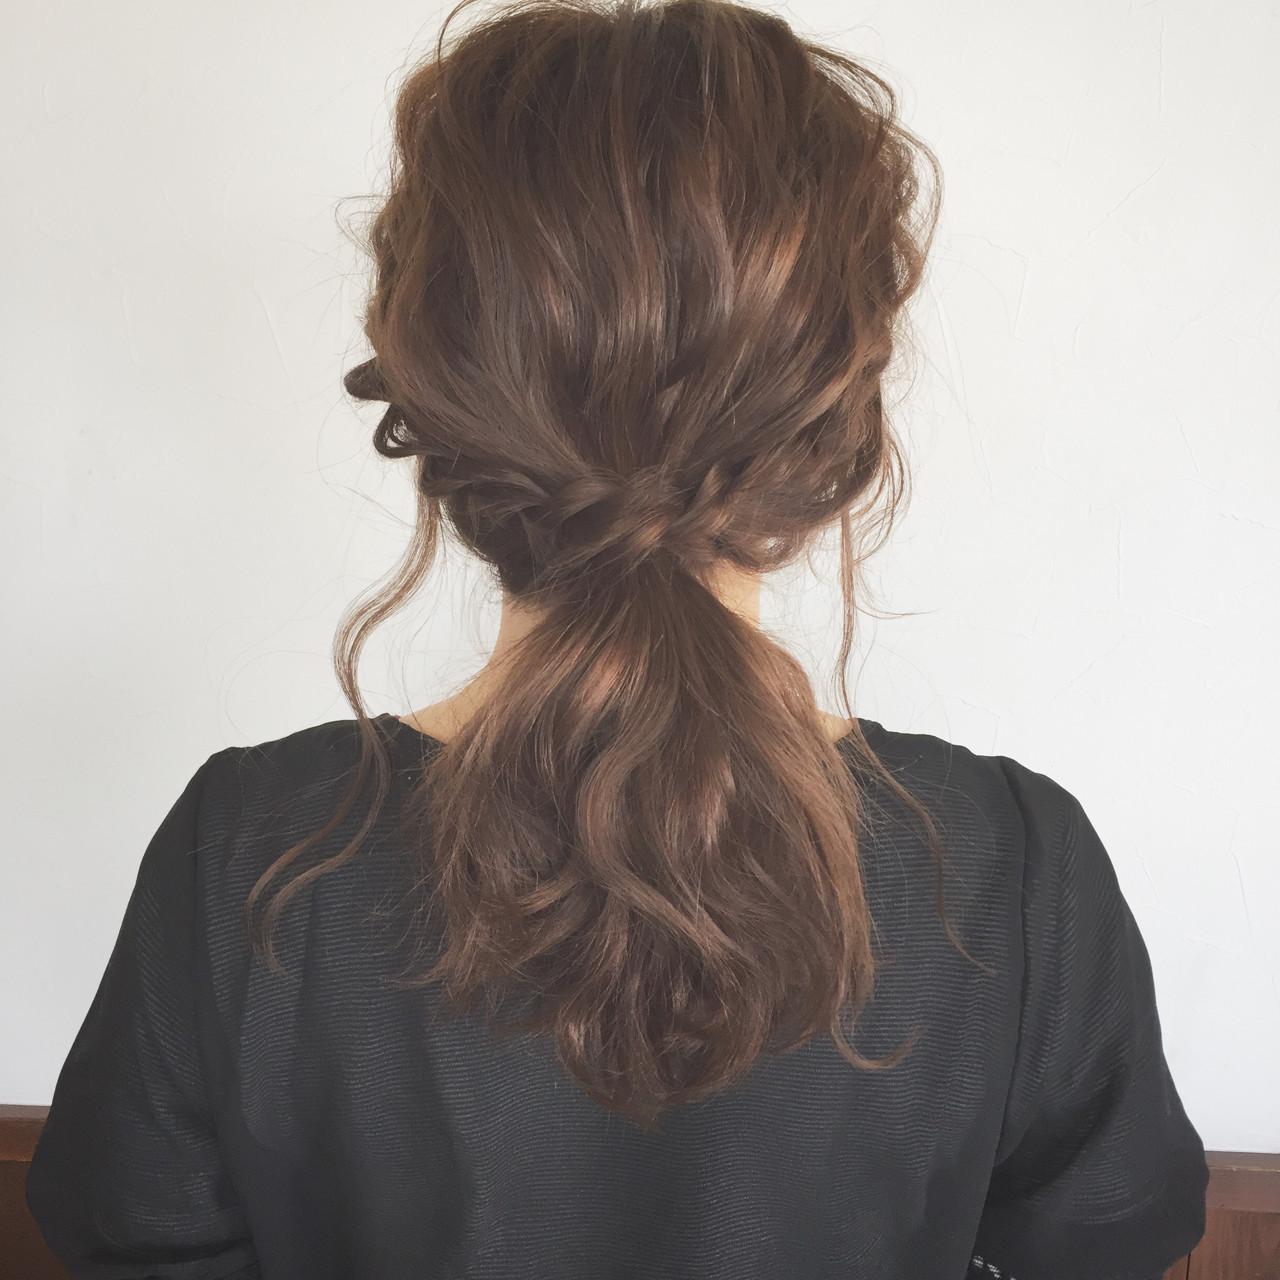 大人かわいい ヘアアレンジ デート ミディアム ヘアスタイルや髪型の写真・画像